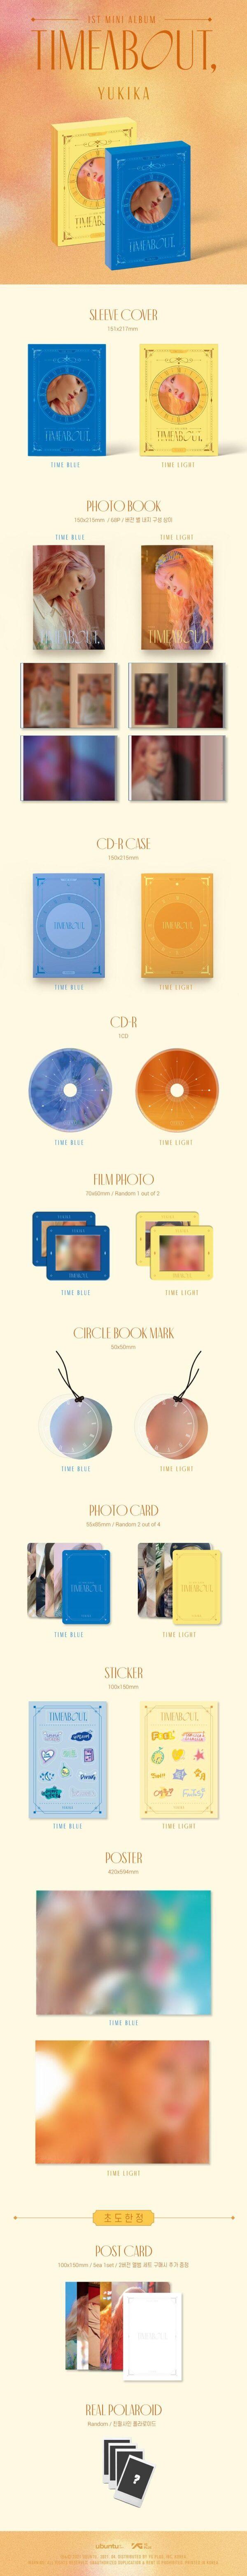 TIME LIGHT Ver. YUKIKA 1sr Mini timeabout Poster